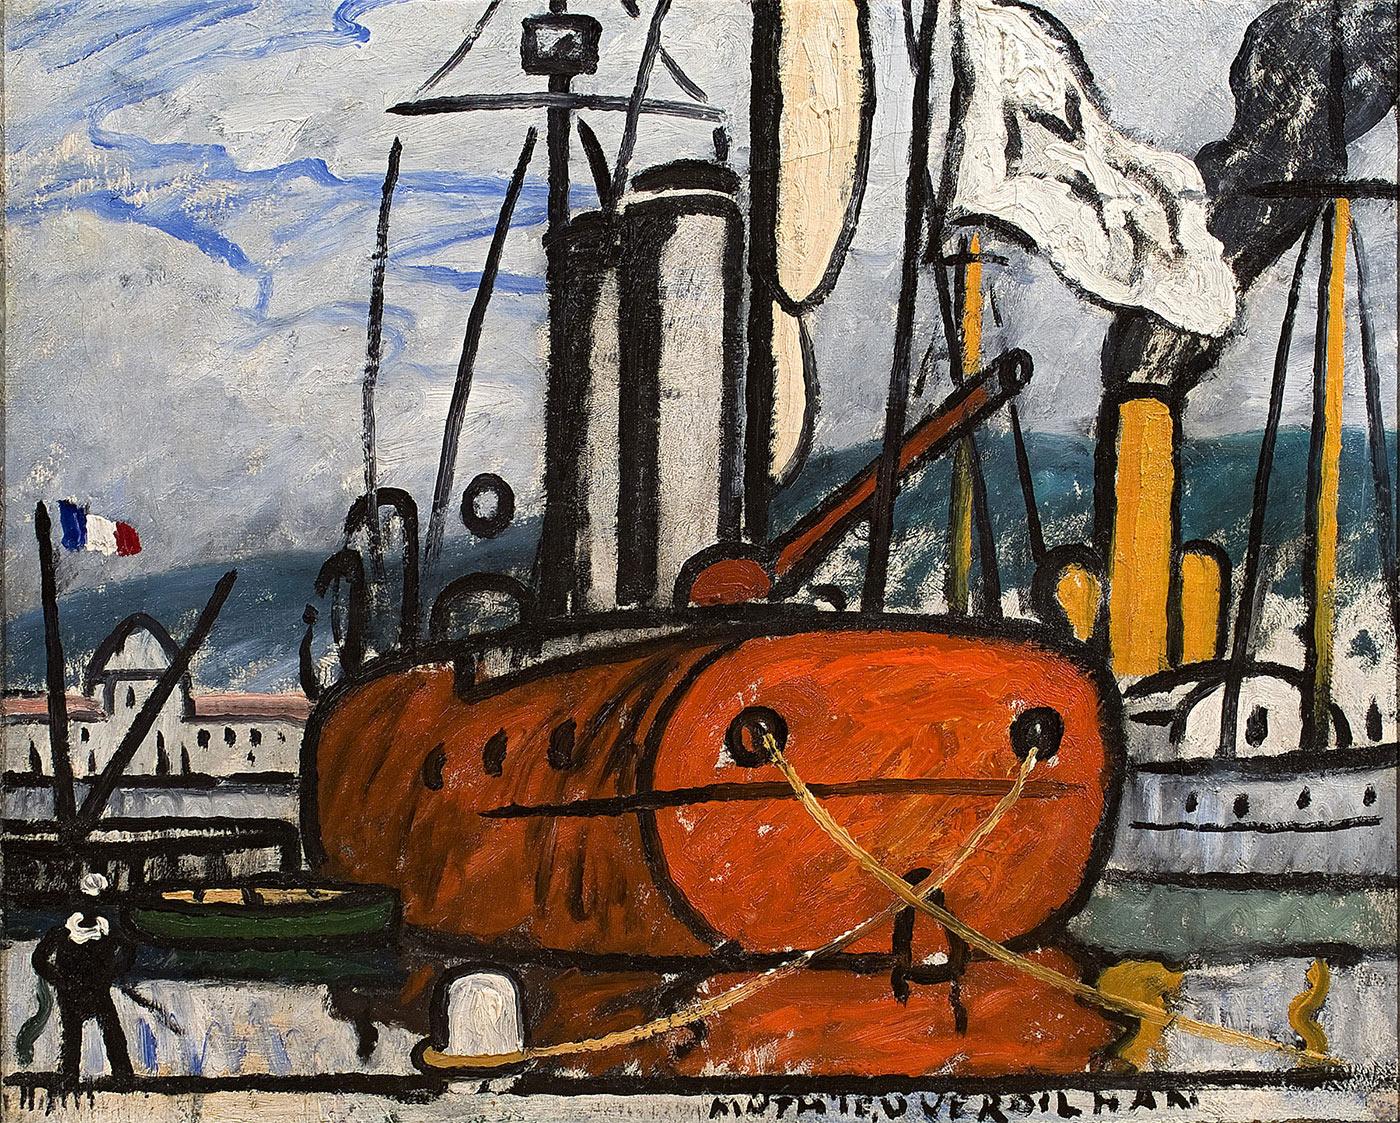 Le bateau orange